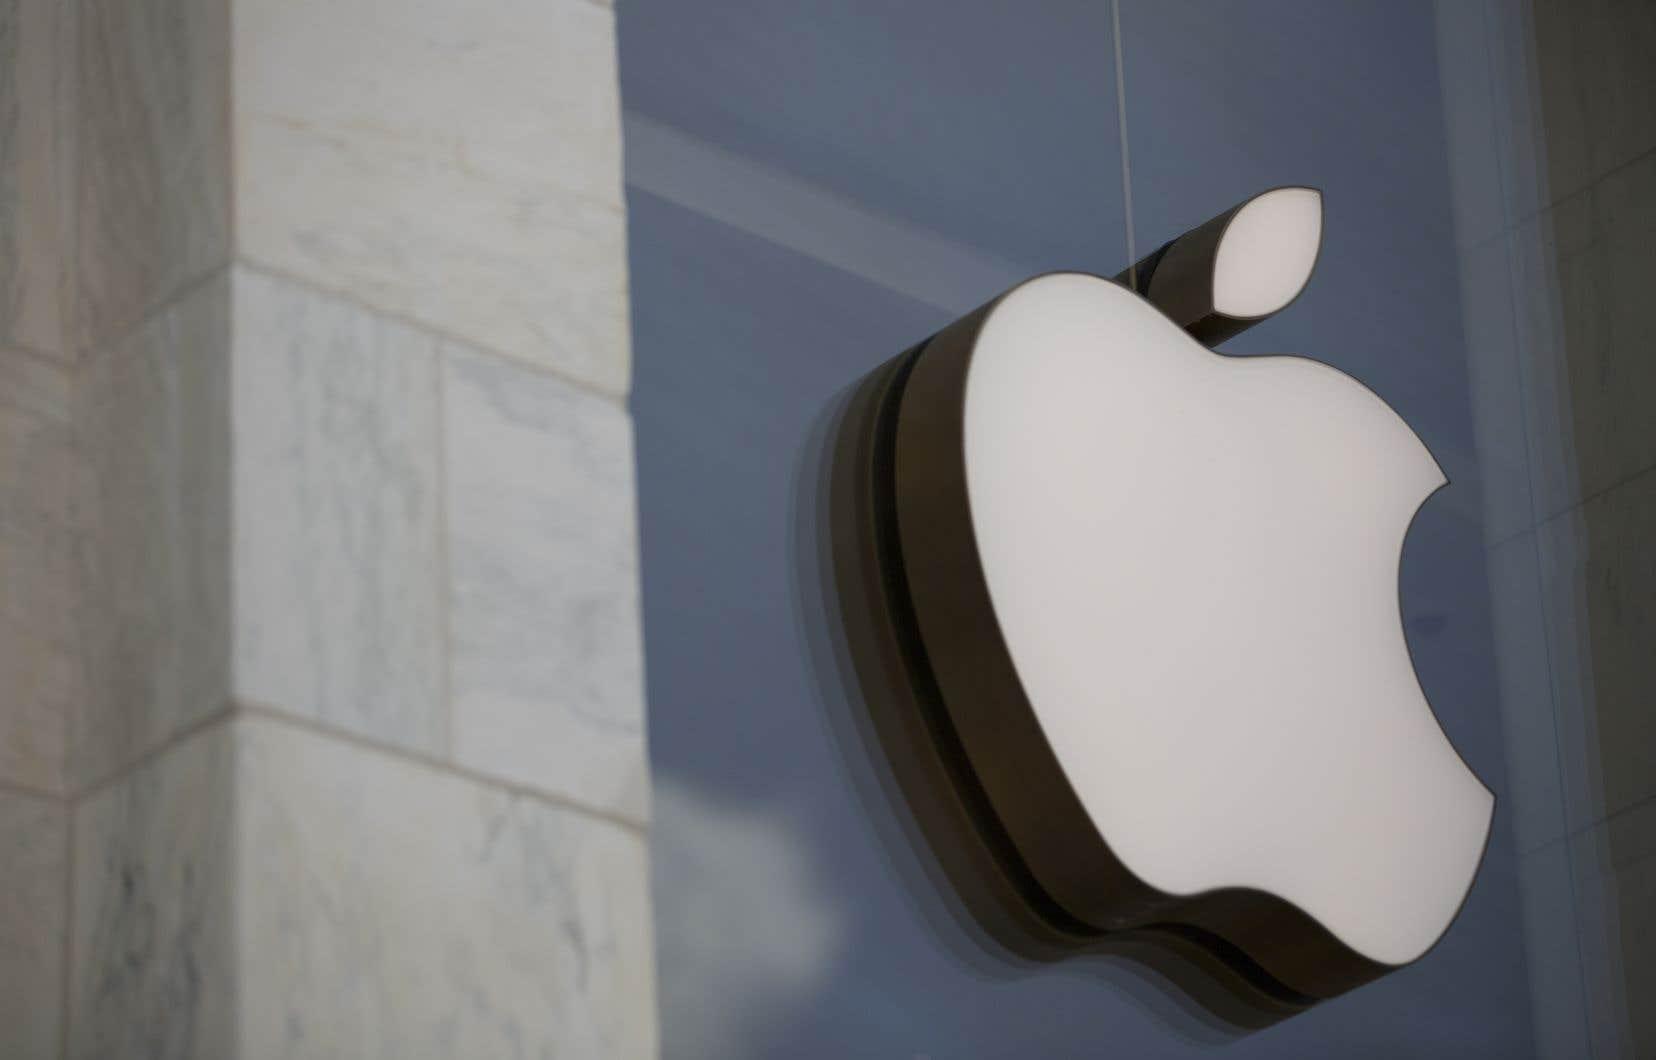 Lademande d'autorisation d'action collective aété déposée auprès des tribunaux après qu'Apple ait reconnu qu'elle avait ralenti le rendement de certains téléphones iPhone.